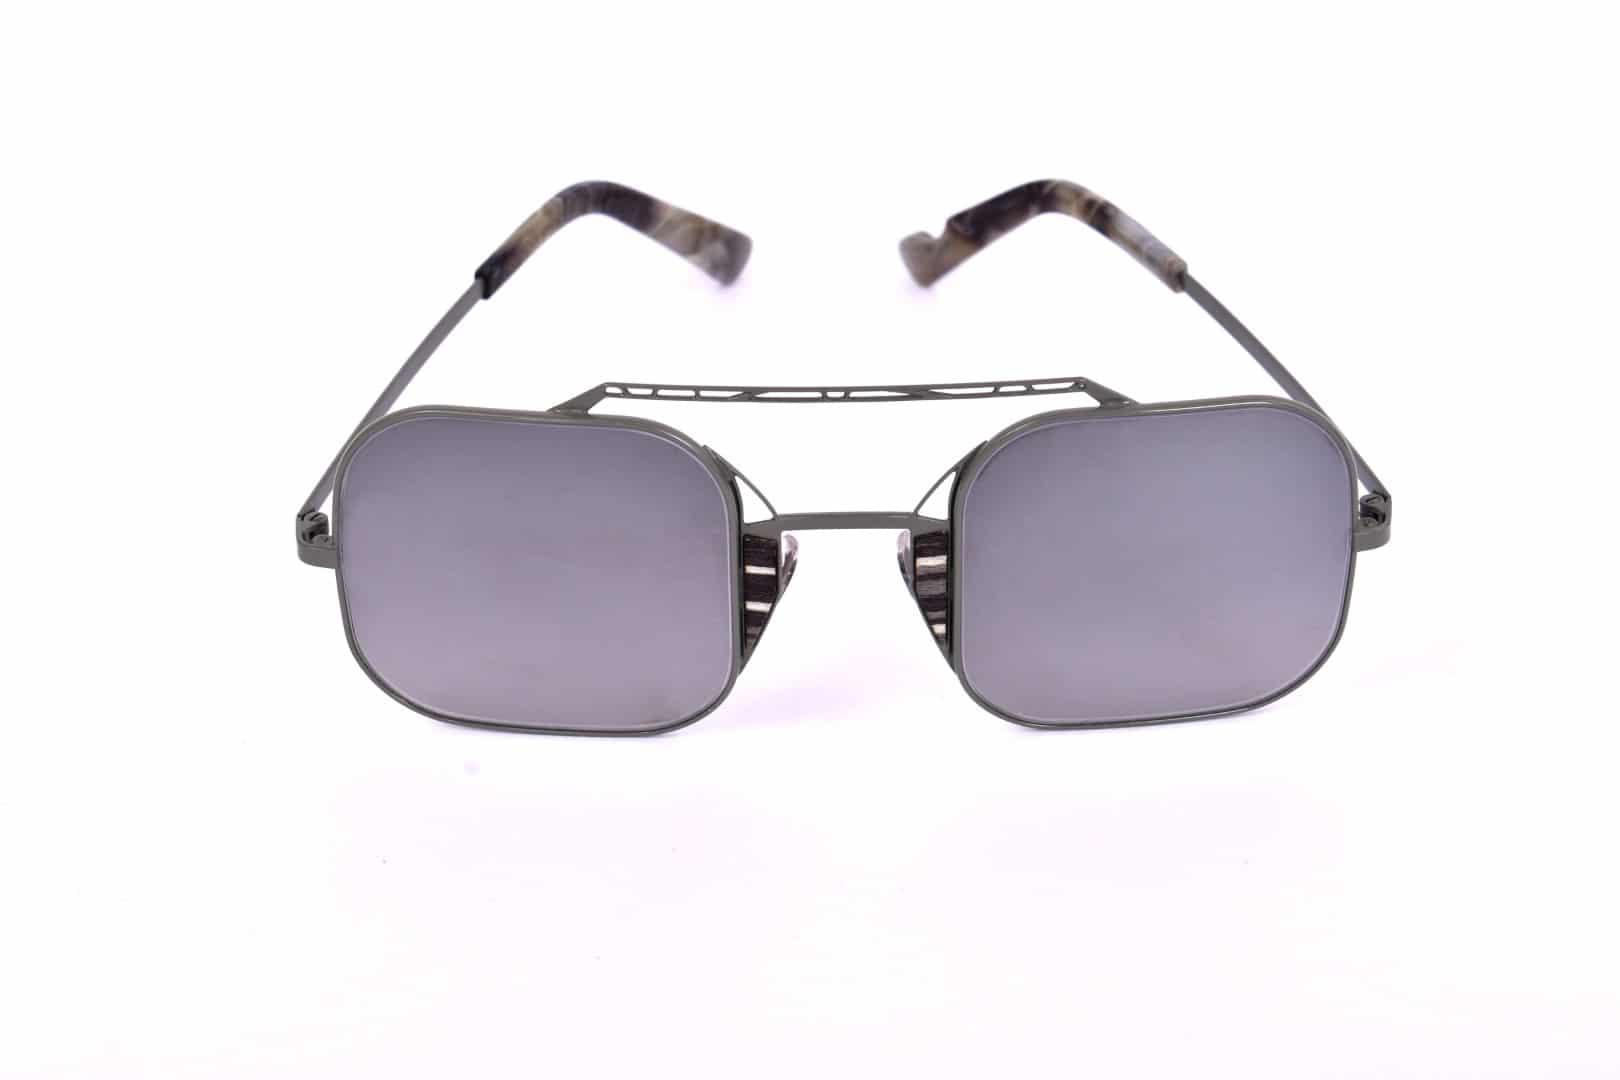 משקפי שמש לגברים - אופטיקה יפעת, אופטיקאית מוסמכת